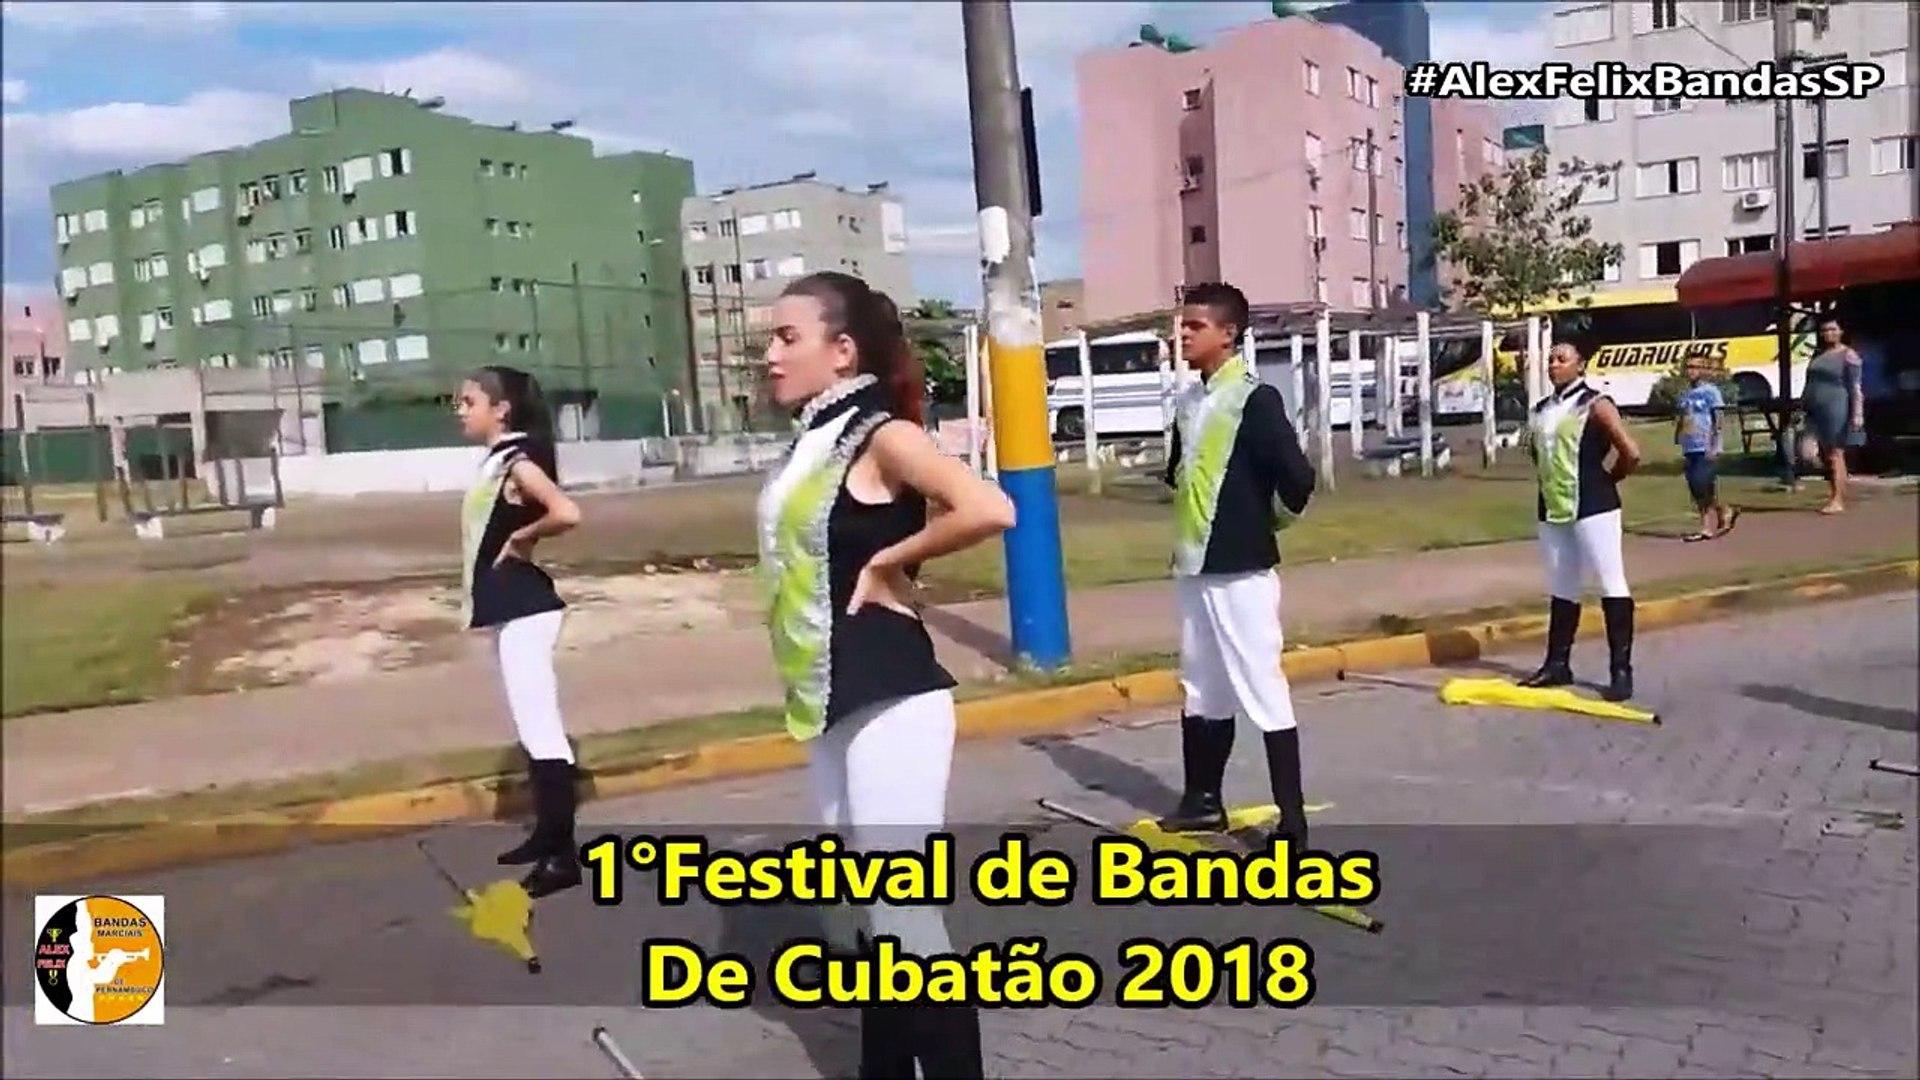 Banda de Percussão Dr Amaury Galliera 2018 - 1° Festival de Bandas - Cubatão - #AlexFelixBandasSP